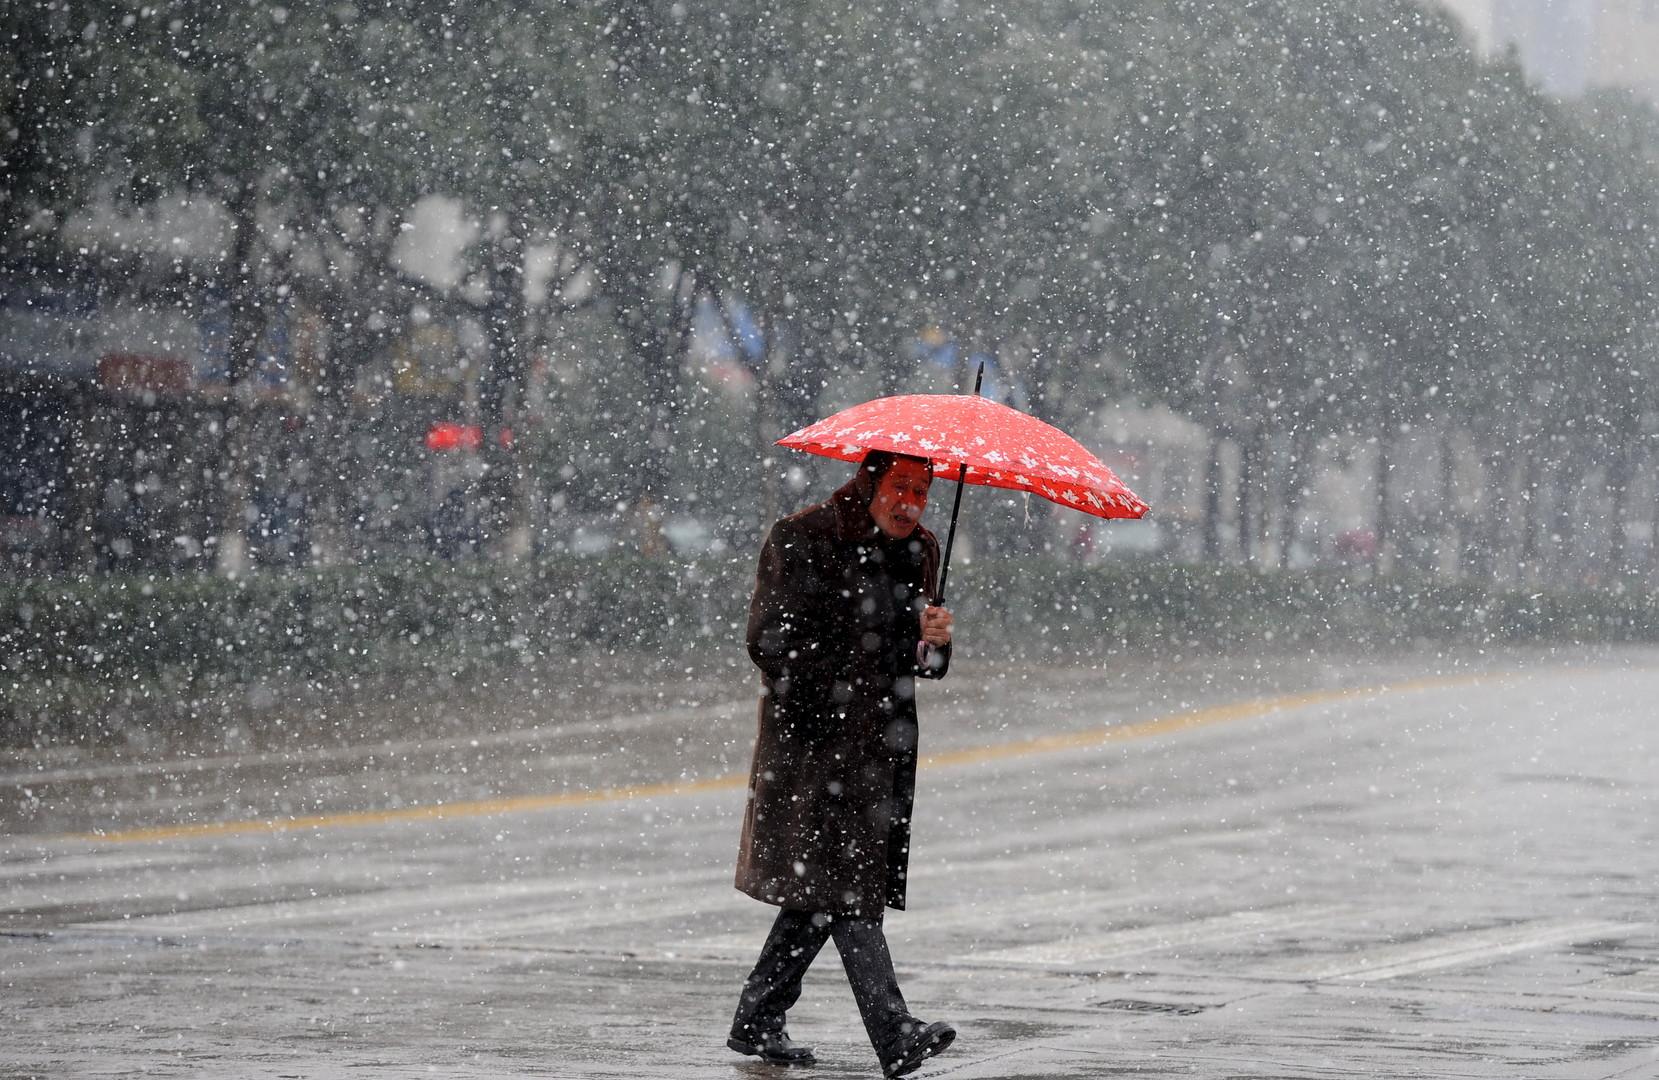 En Chine, des températures de -40°C sont attendues